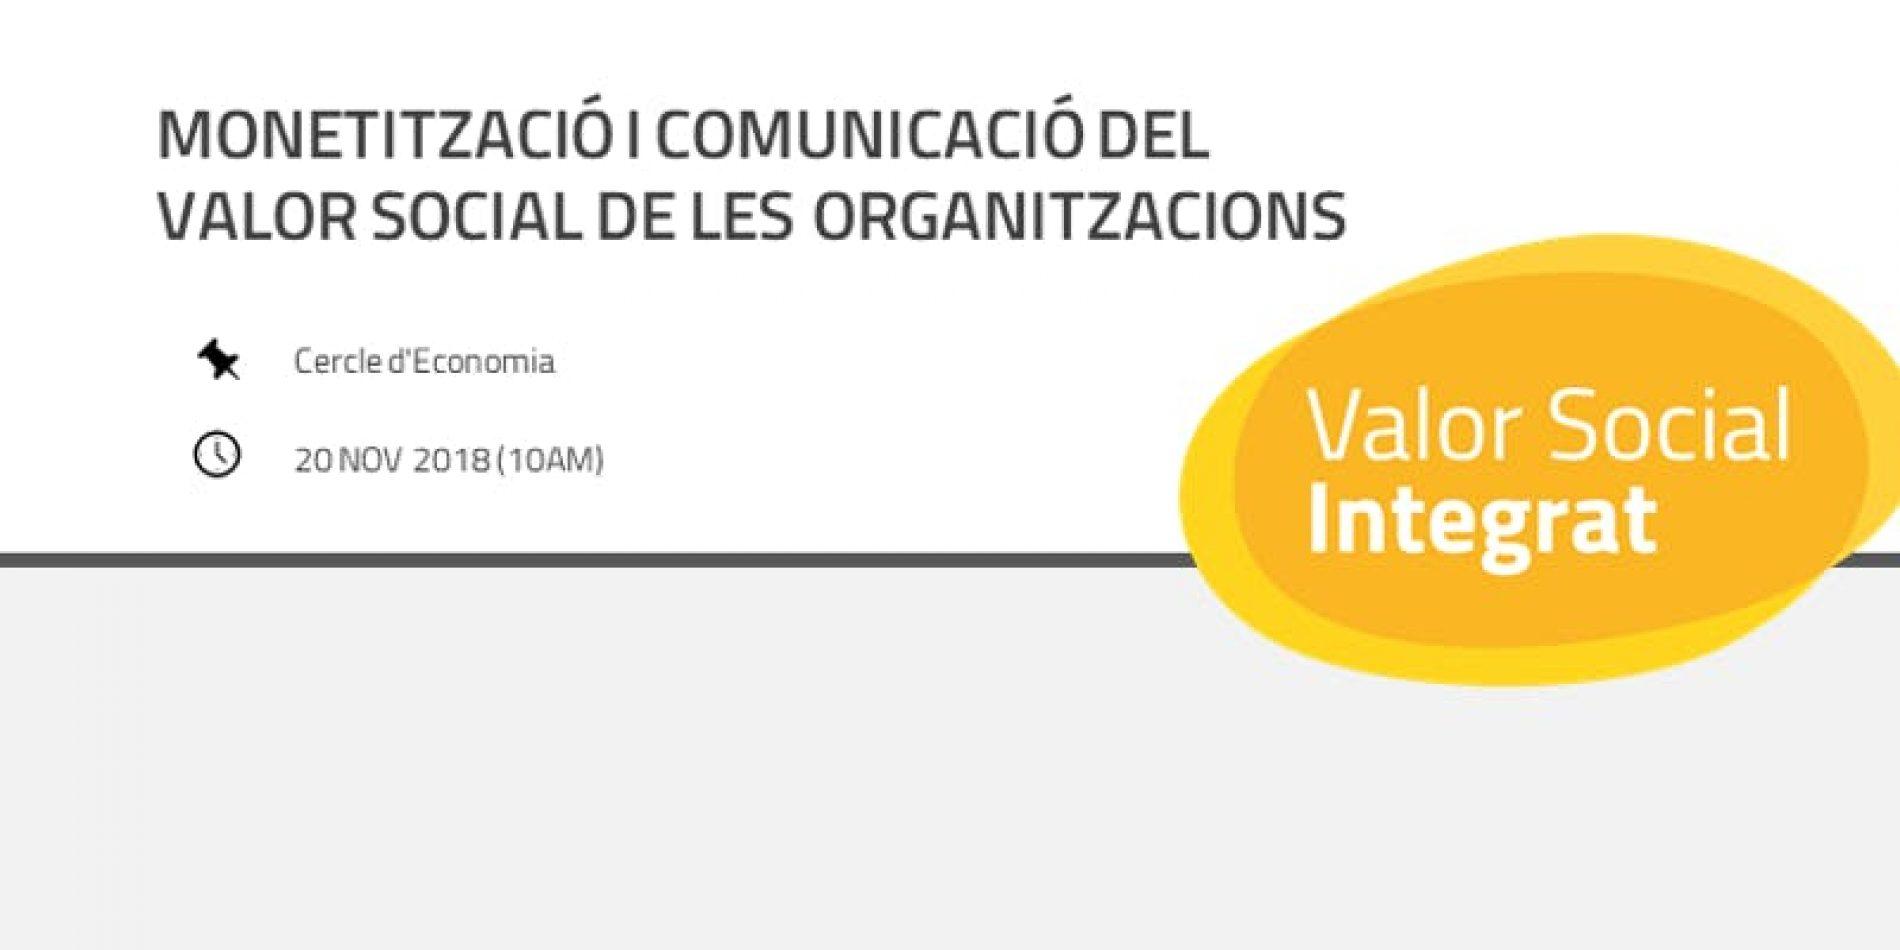 [Jornada] Monetització i comunicació del Valor Social de les organitzacions